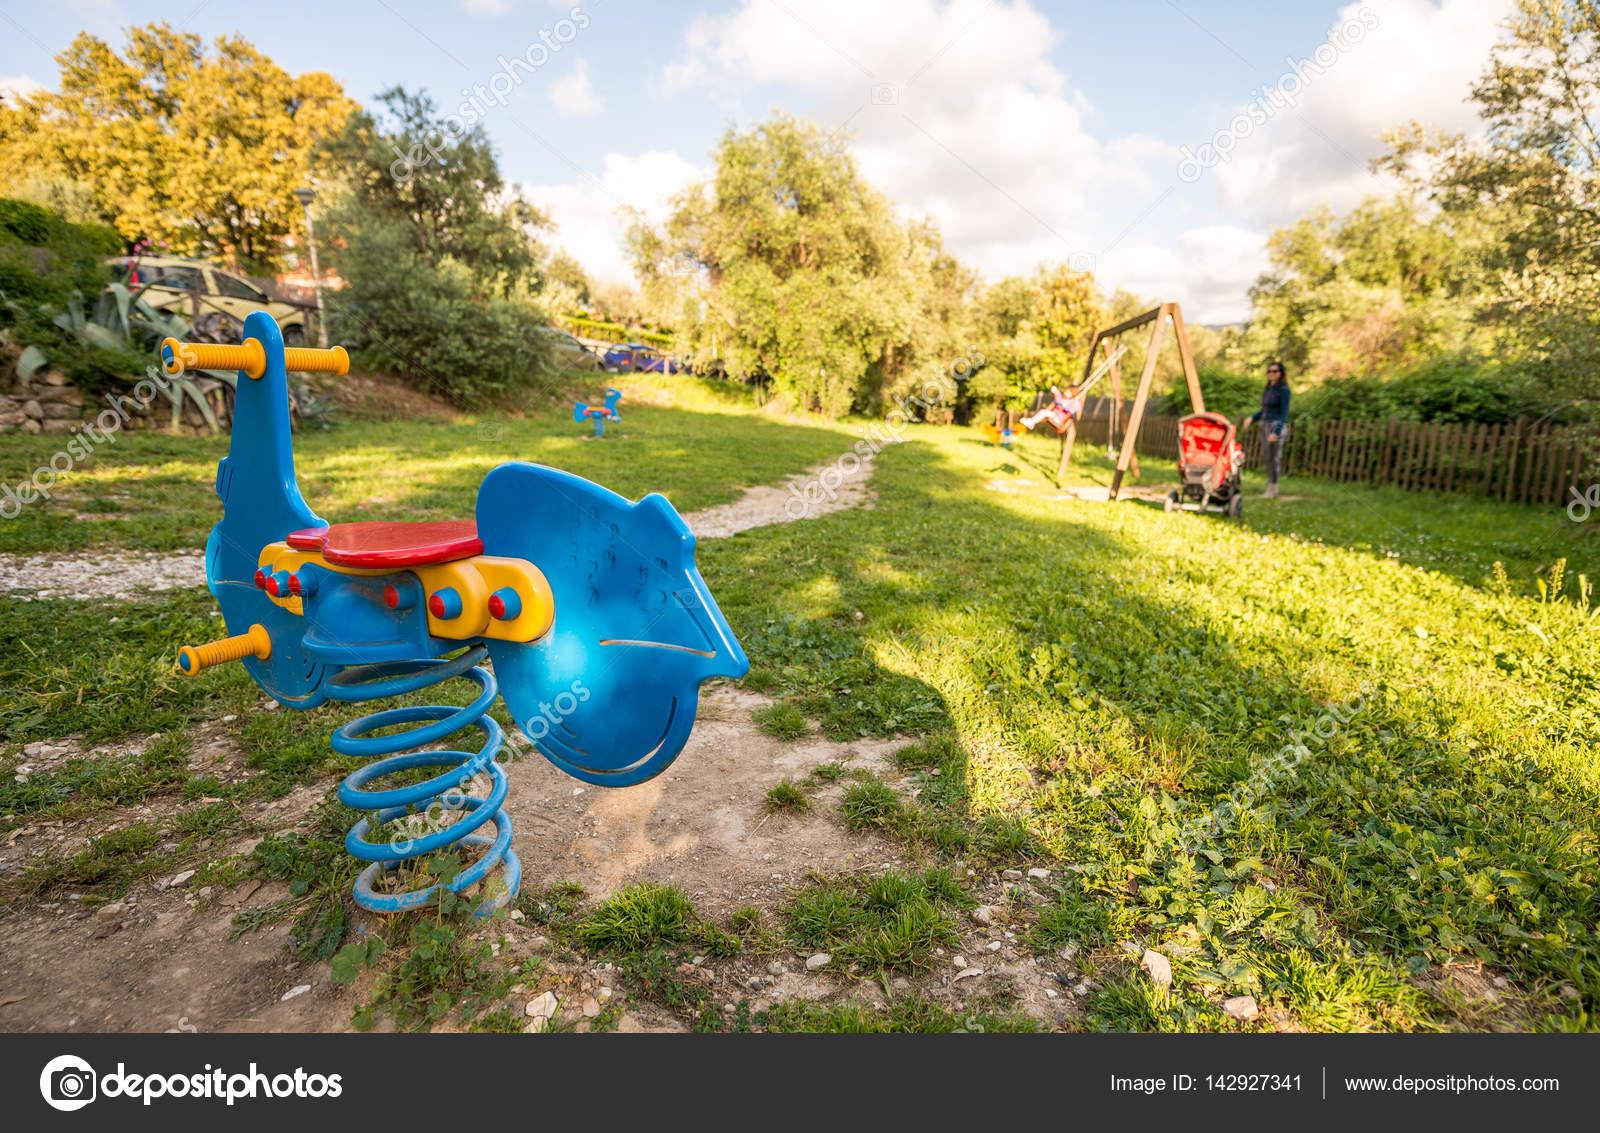 Parque juegos para ni os patio jard n foto de stock 142927341 for Juegos de jardin para nios puebla